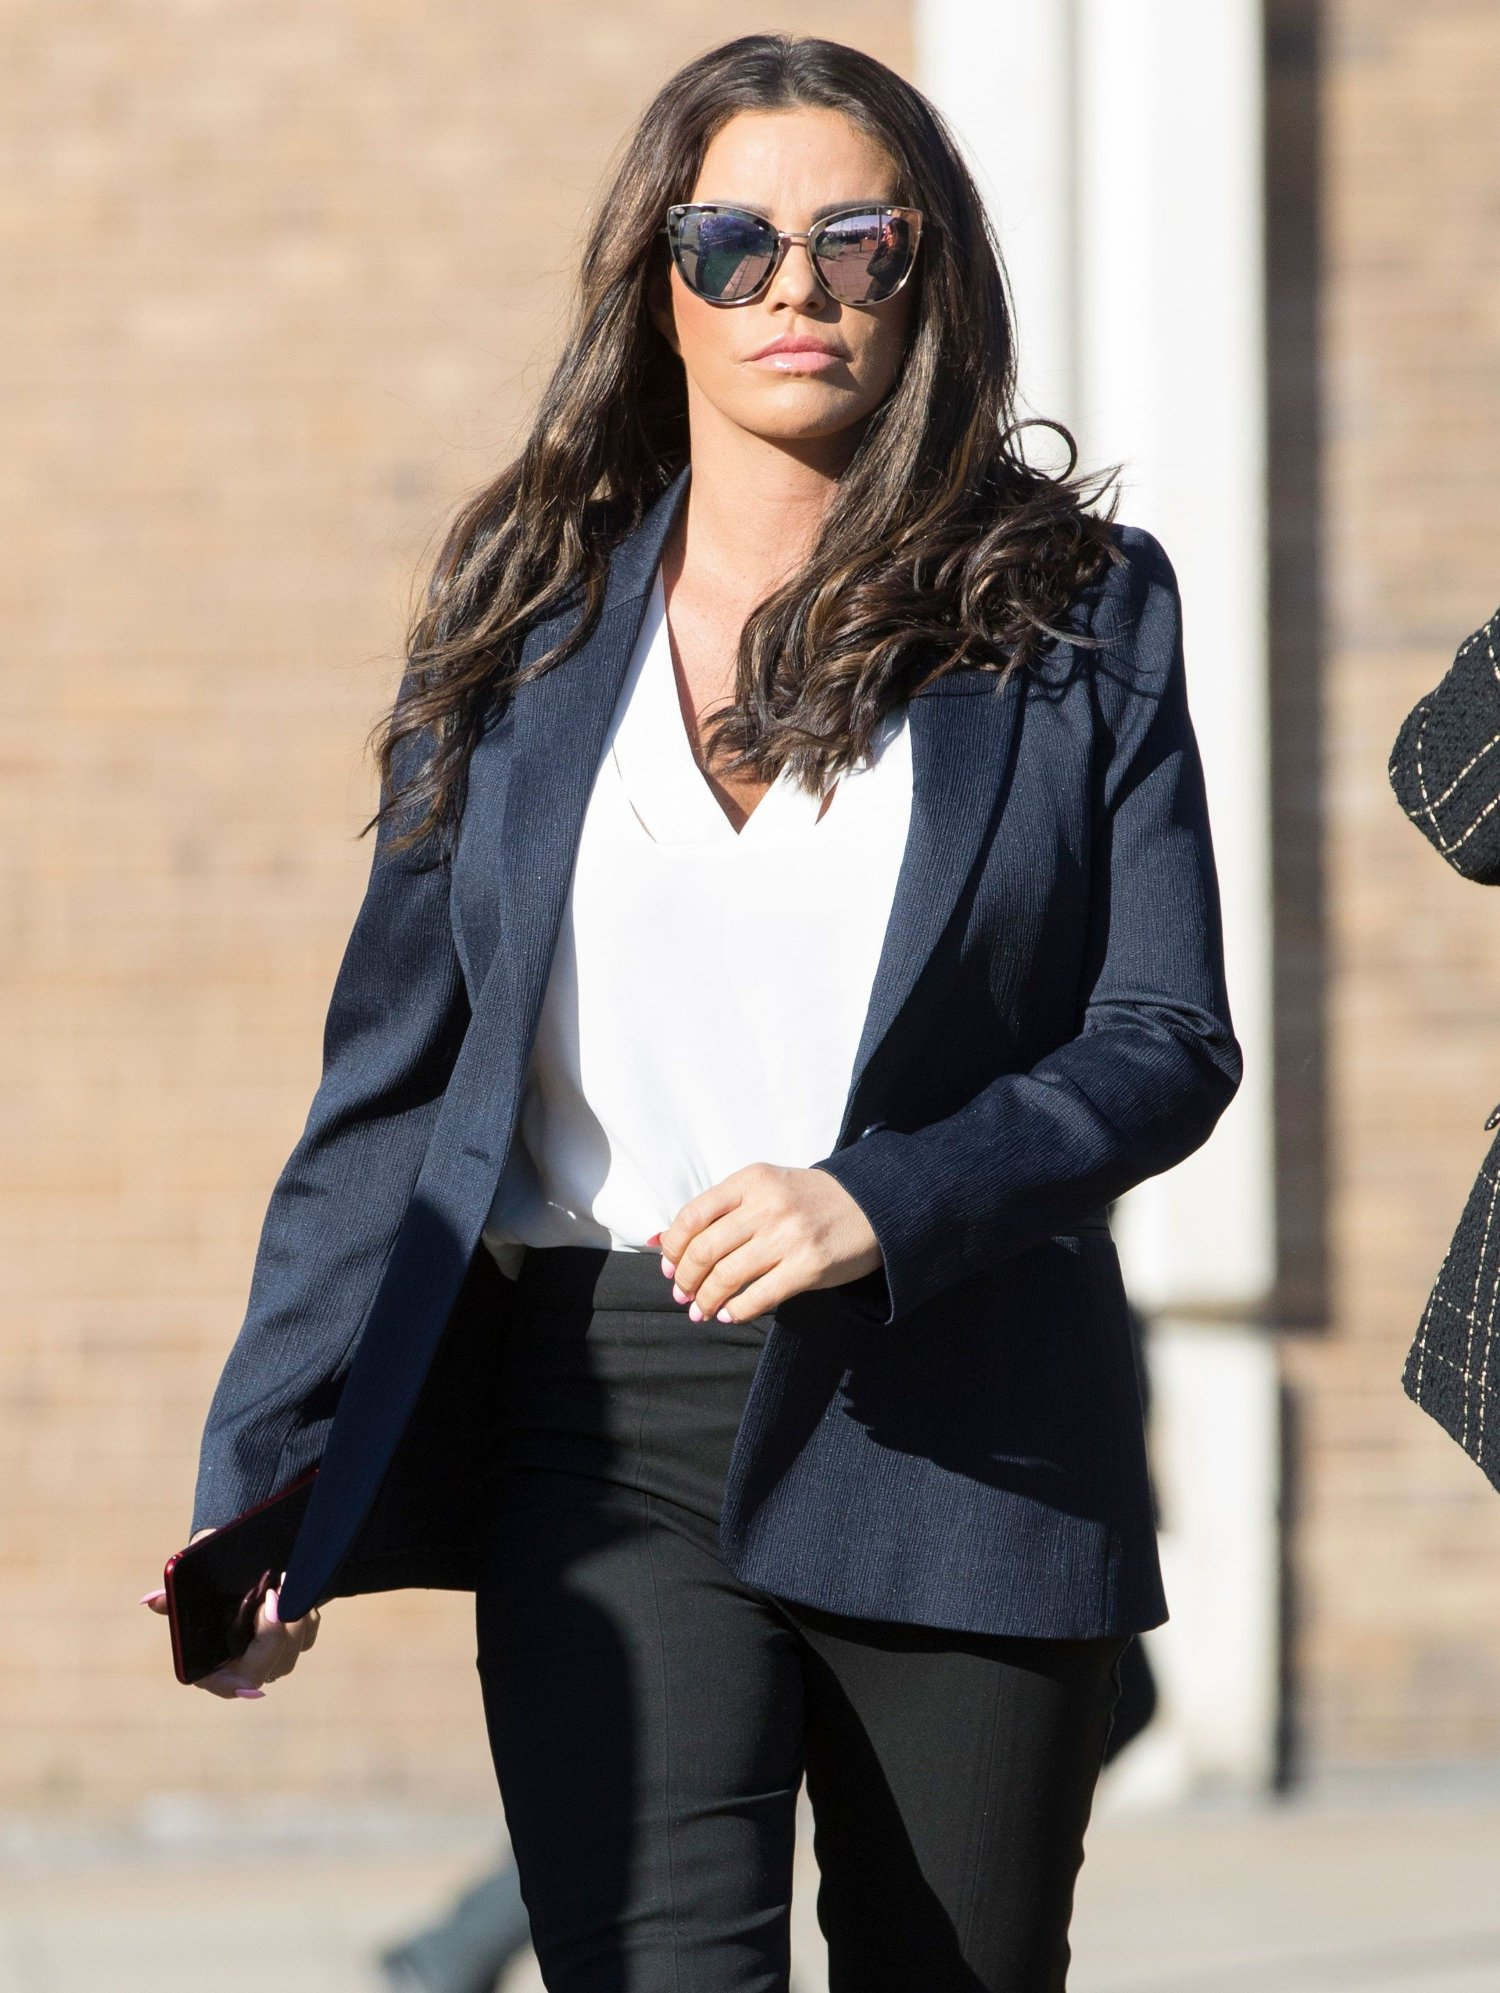 Bilde av Katie Price gående i svart dressjakke, hvit bluse og solbriller